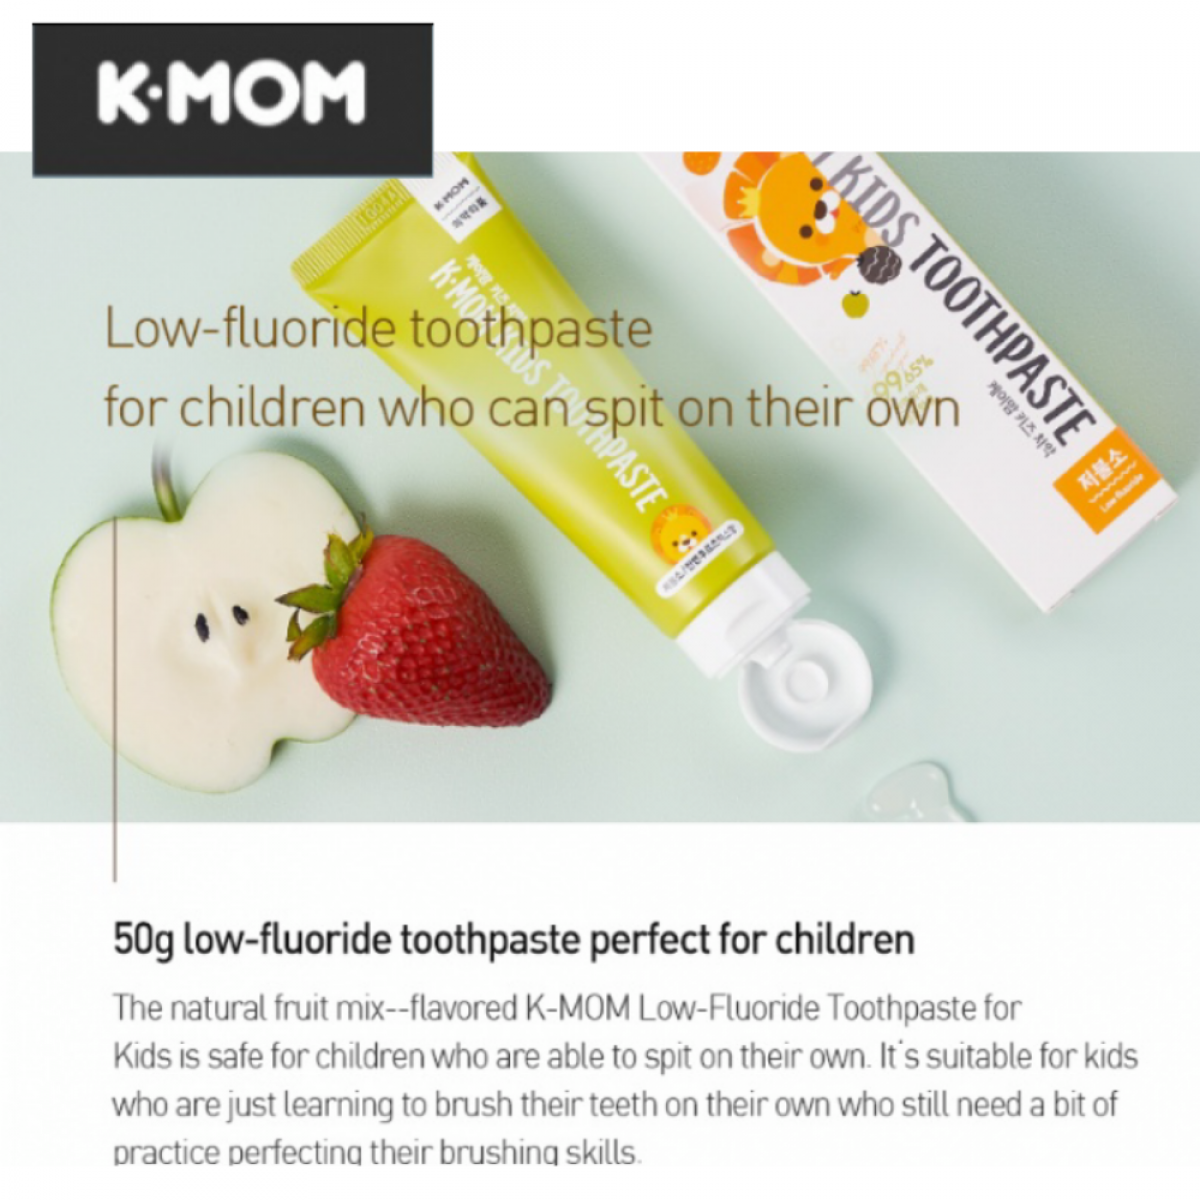 K-MOM Kids Toothpaste NON FLOURIDE or LOW FLOURIDE